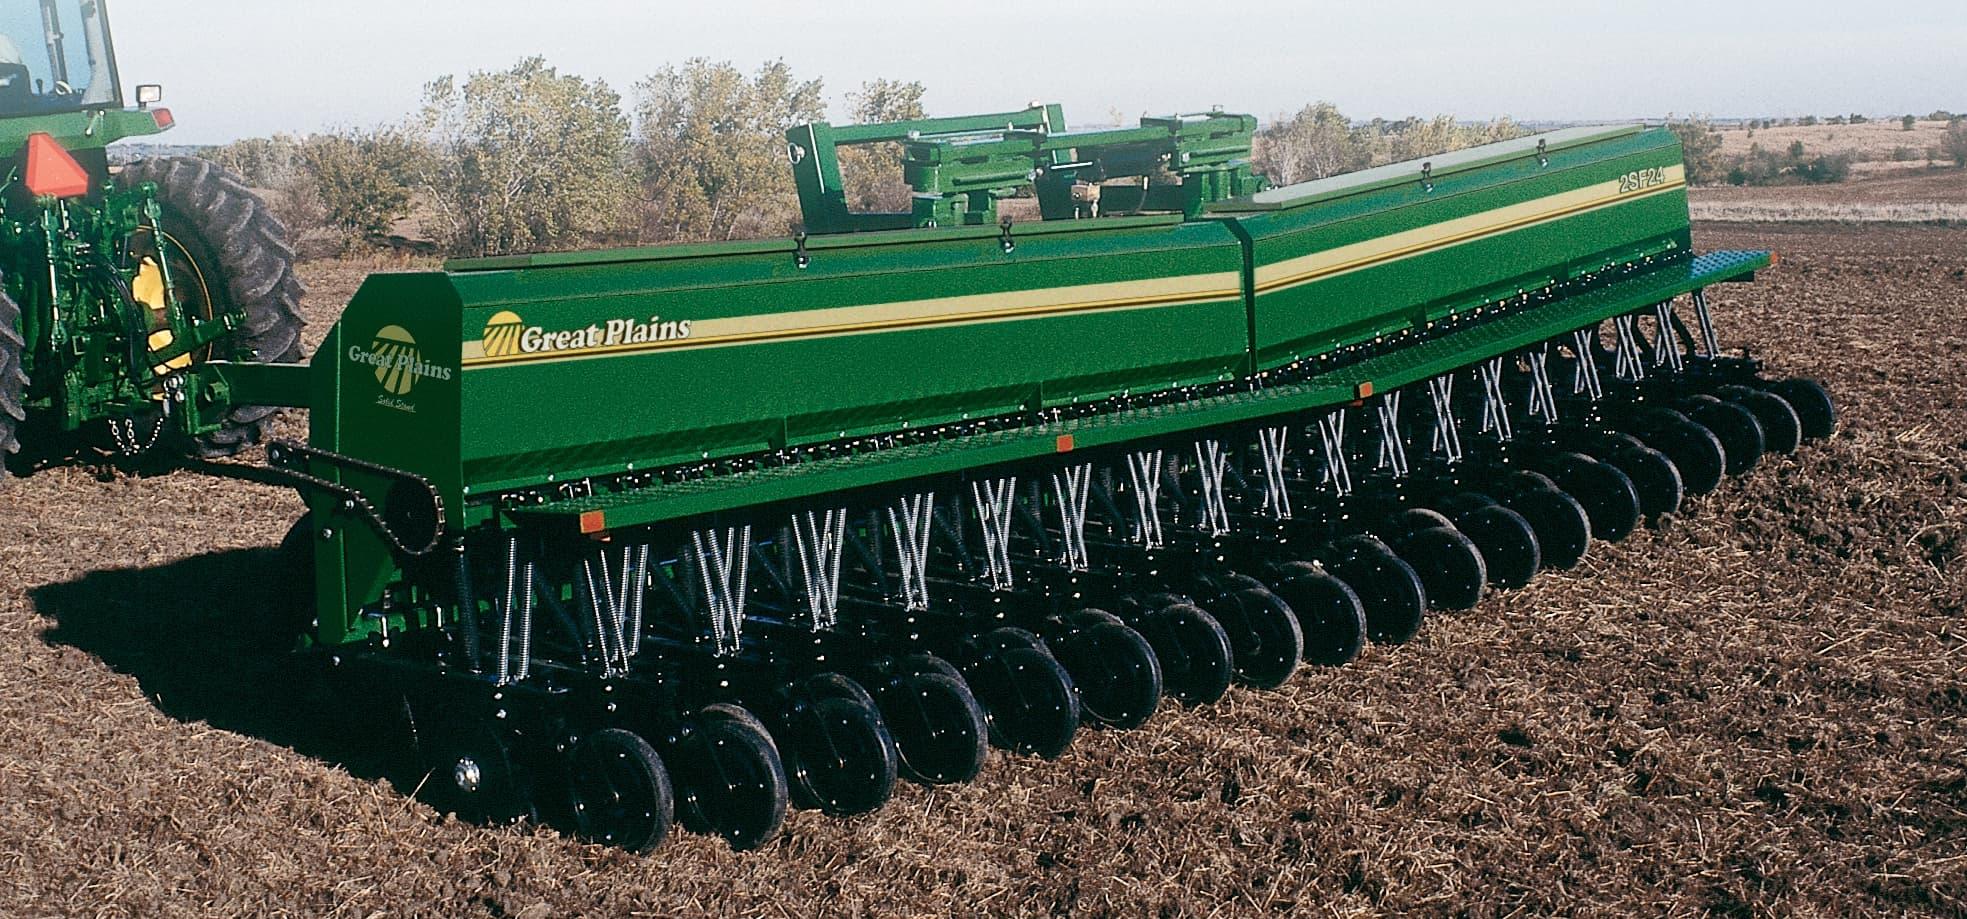 Механические сеялки Great Plains 2SF30